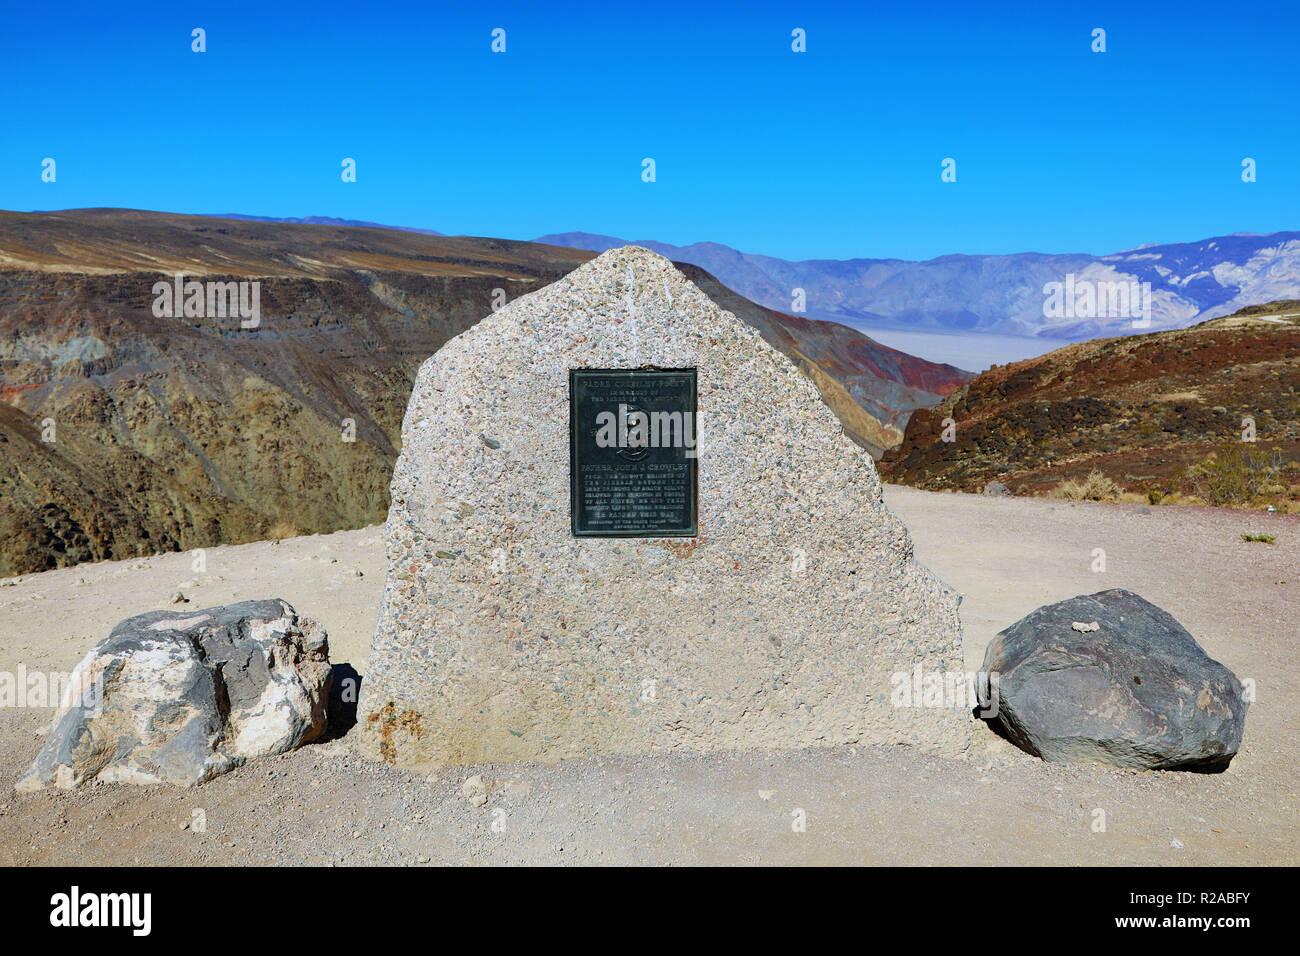 La memoria di padre John J Crowley a Padre Crowley punto, il Parco Nazionale della Valle della Morte, California, Stati Uniti d'America Immagini Stock